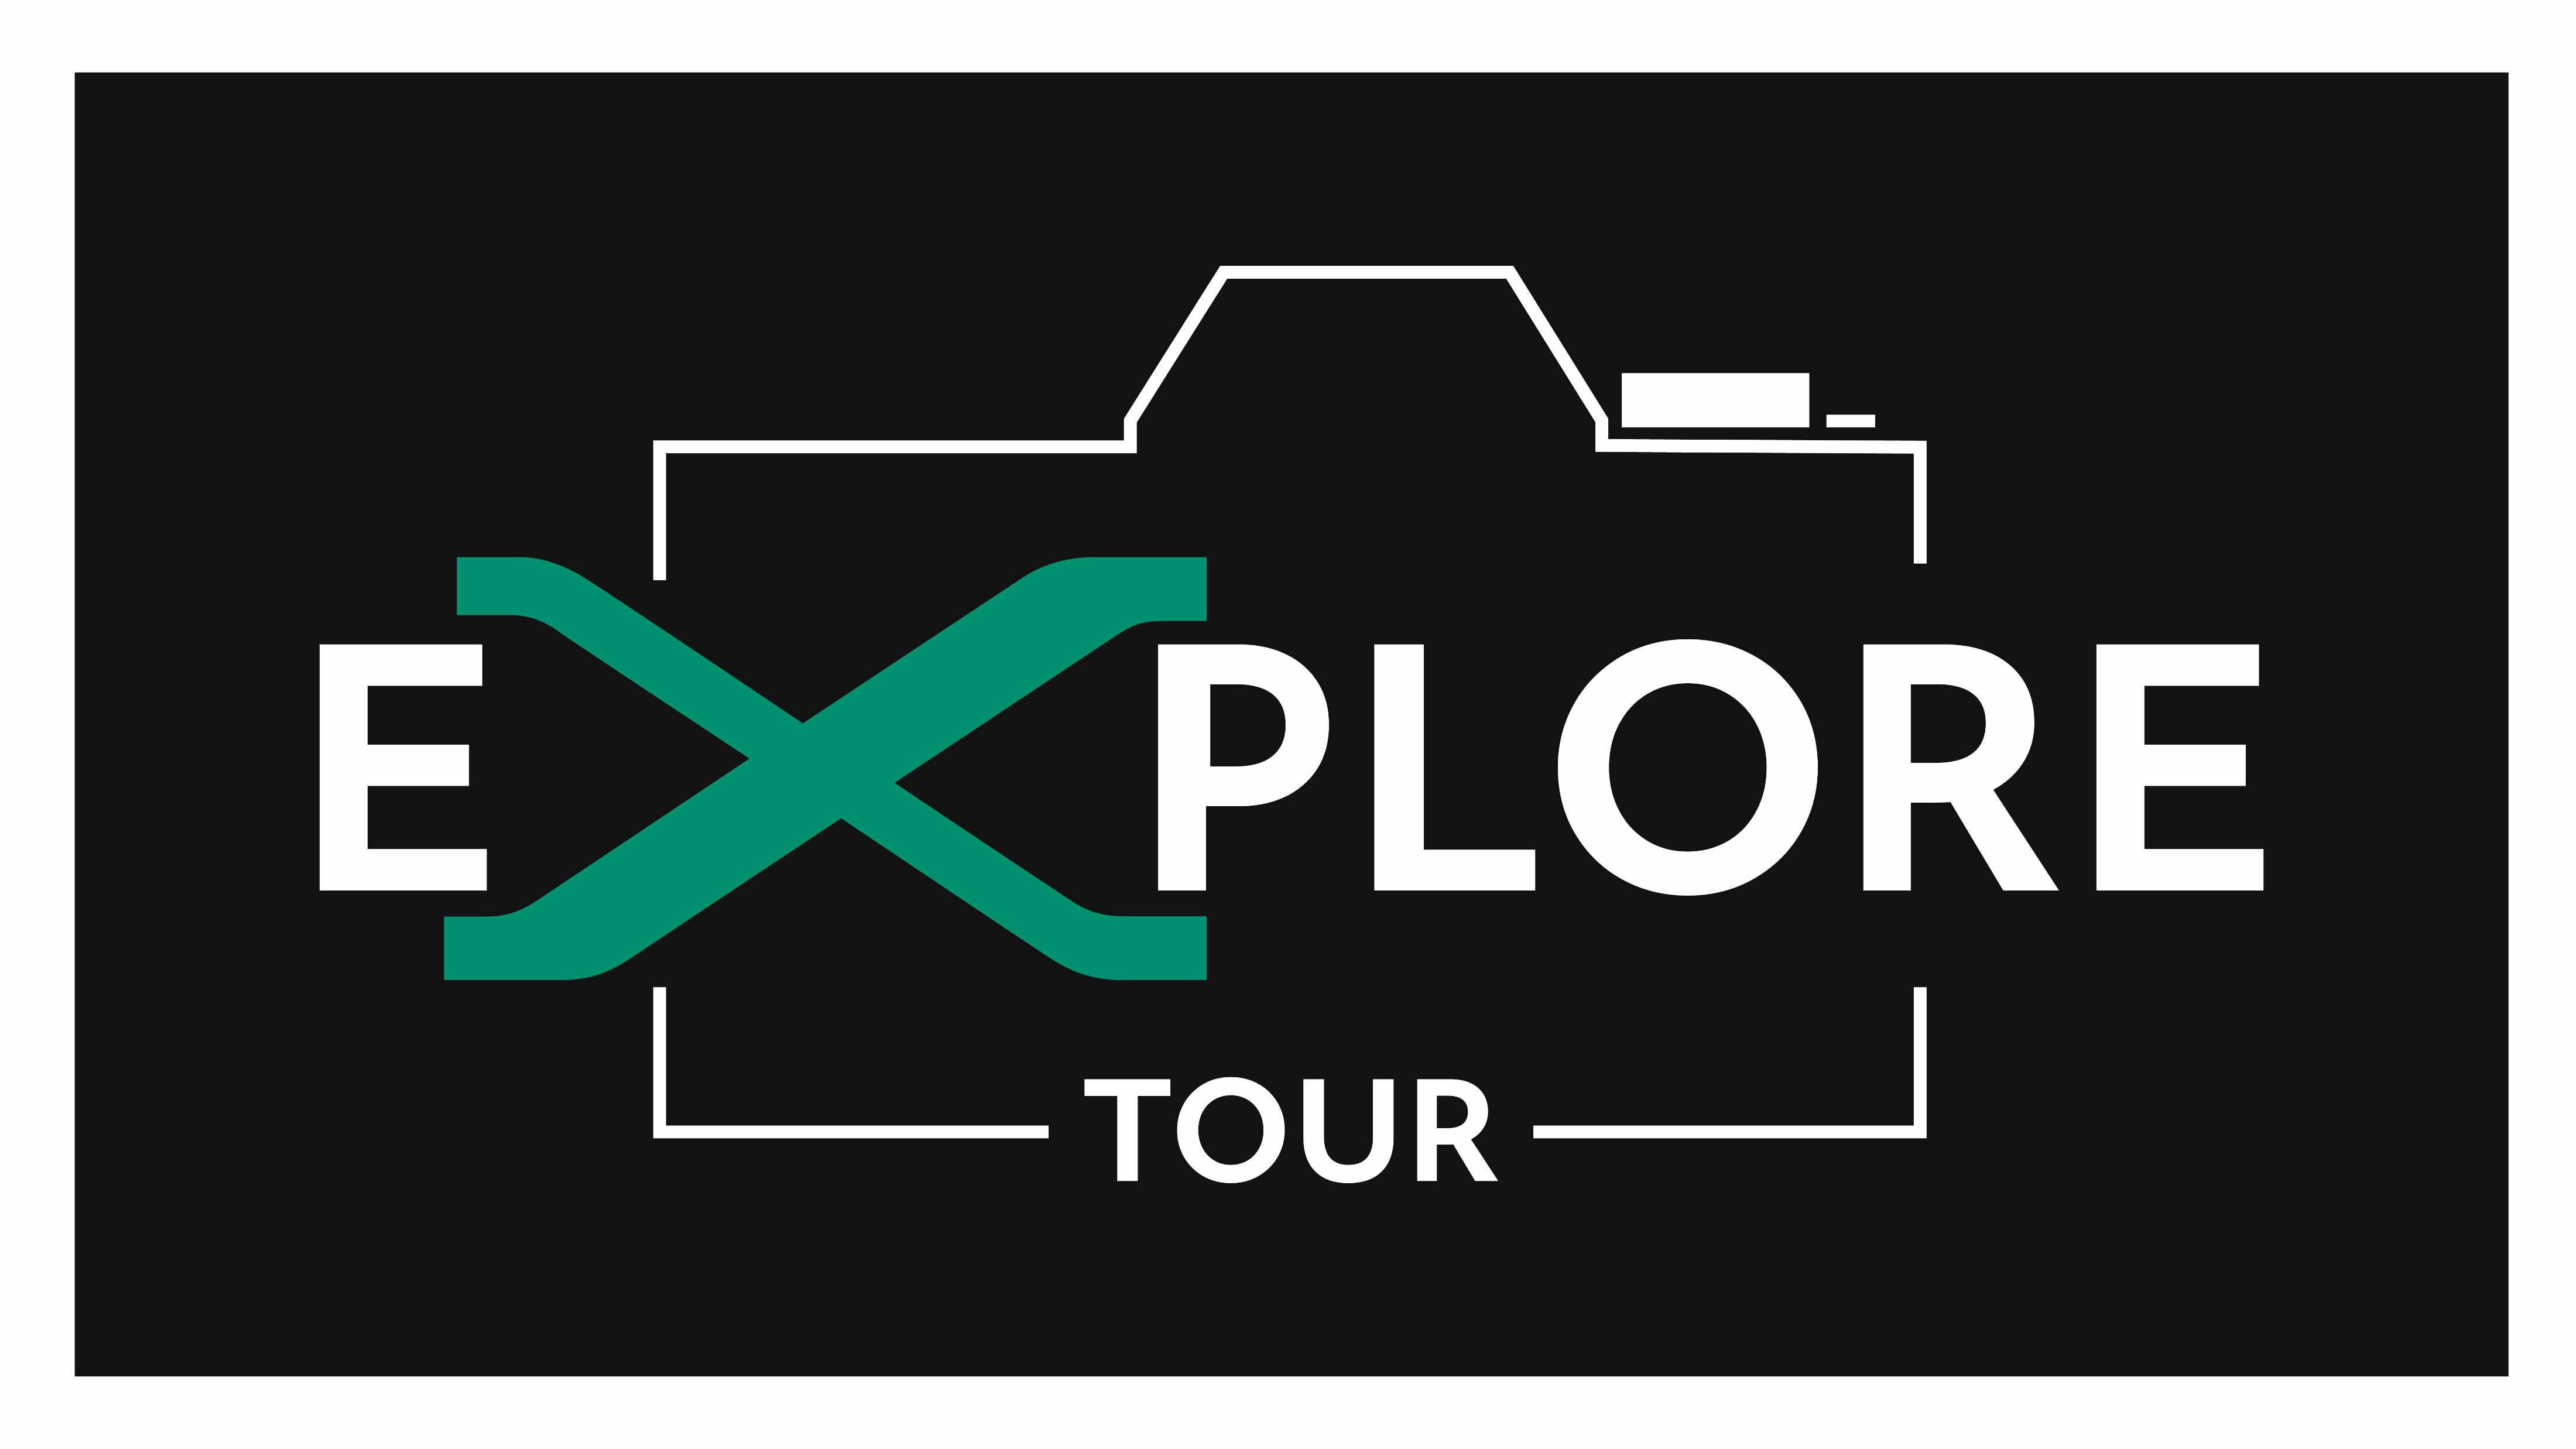 Fujifilm Explore Tour: a marzo inizia il roadshow fotografico firmato Fujifilm thumbnail